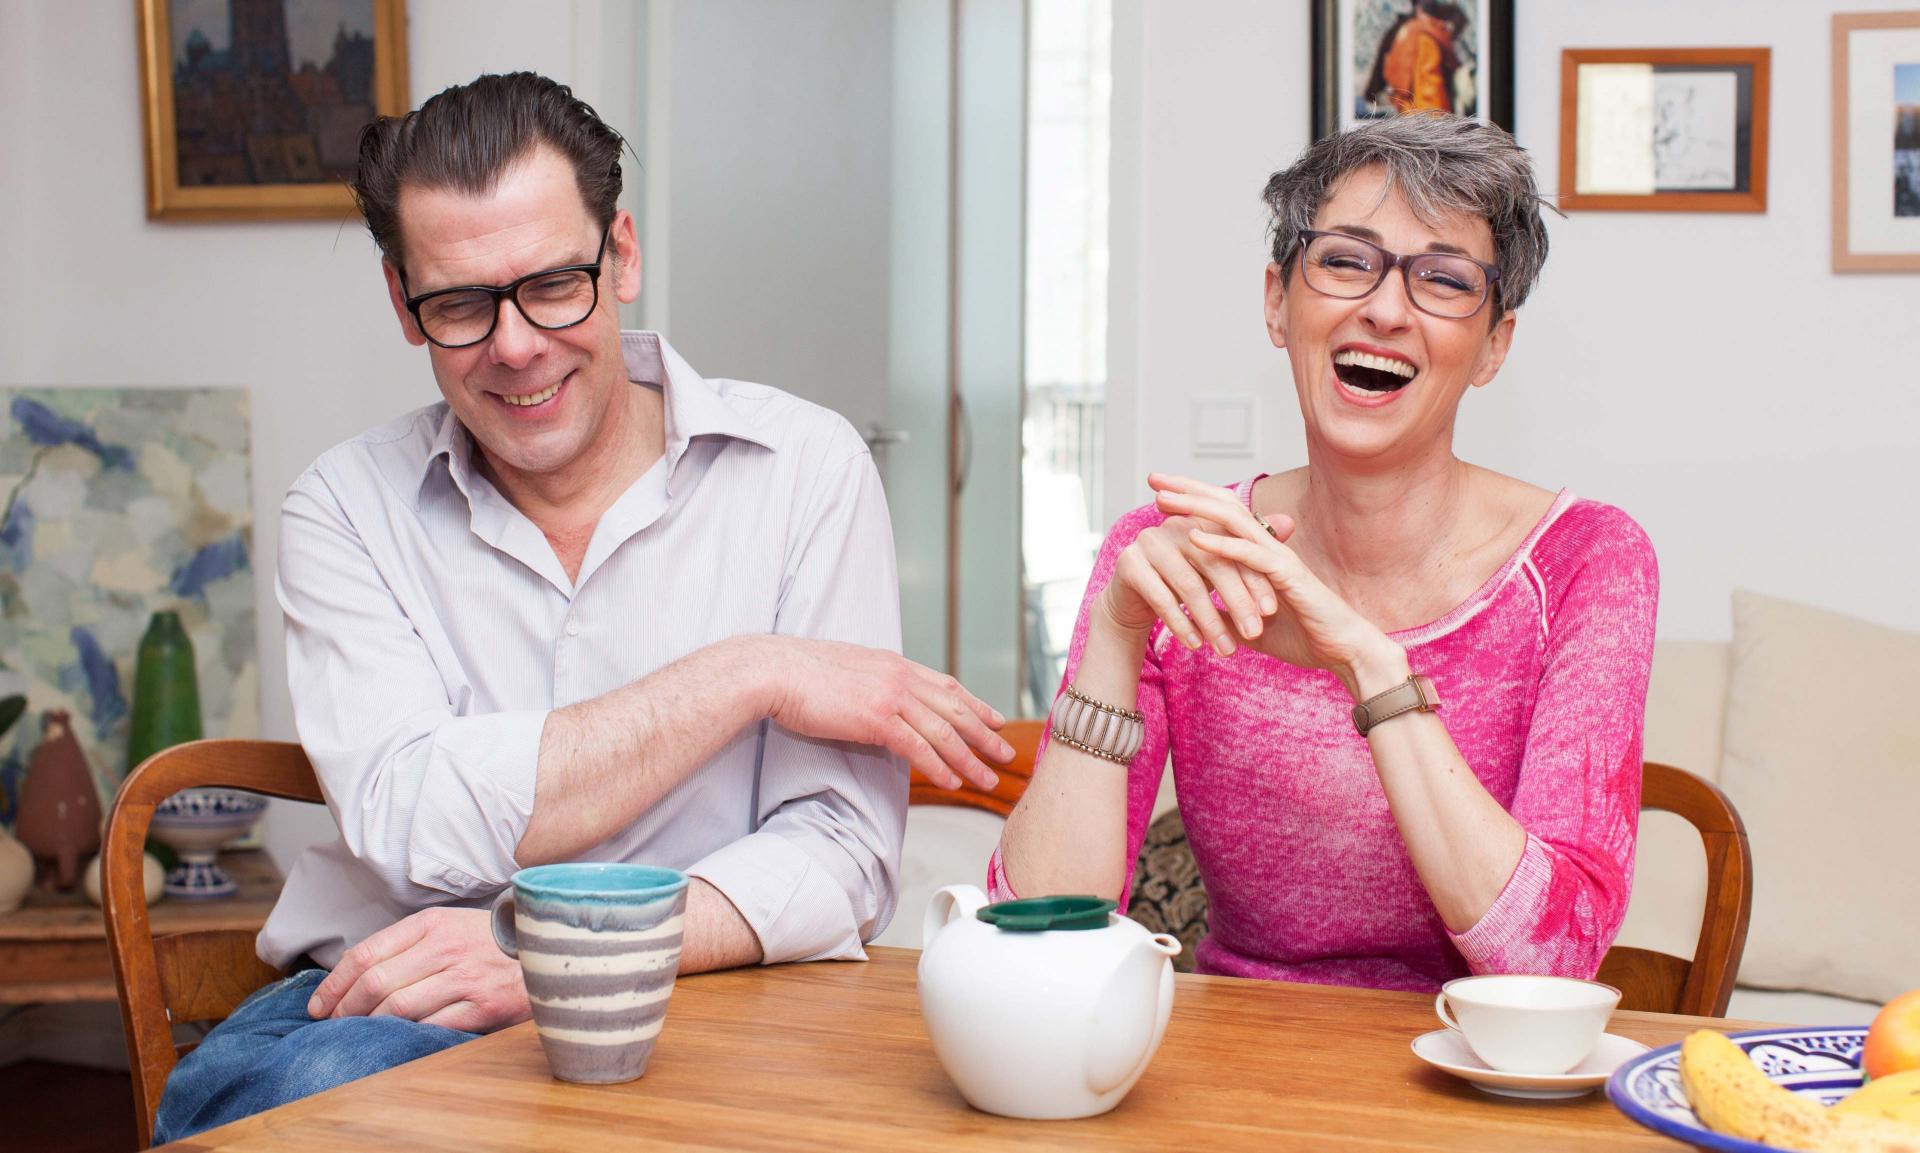 Mann und Frau sitzen lachend am Tisch